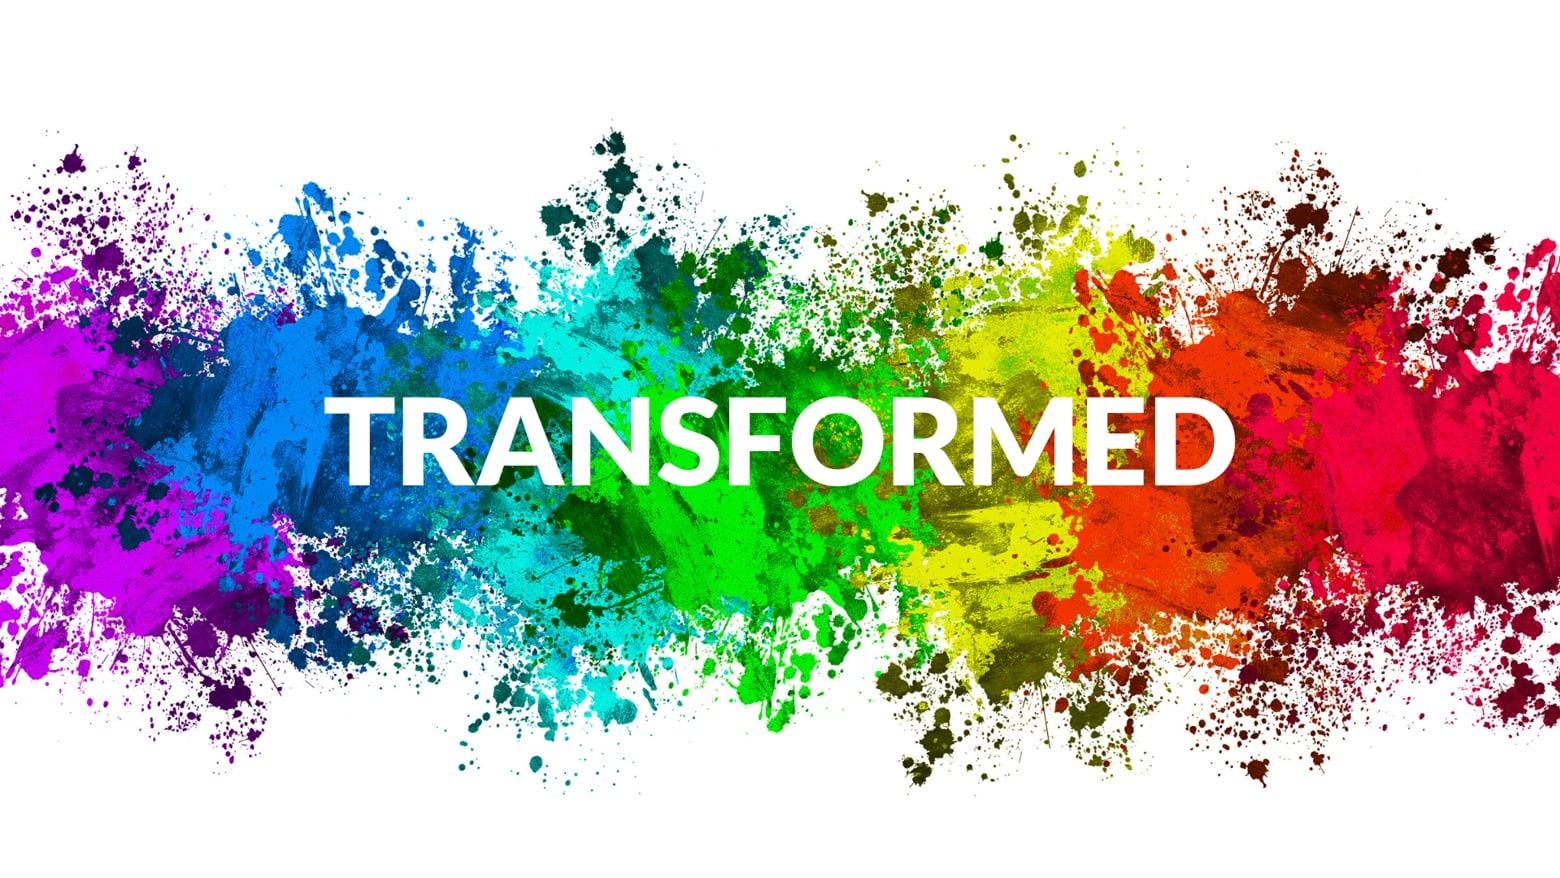 Transformed // Romans 12:1-2